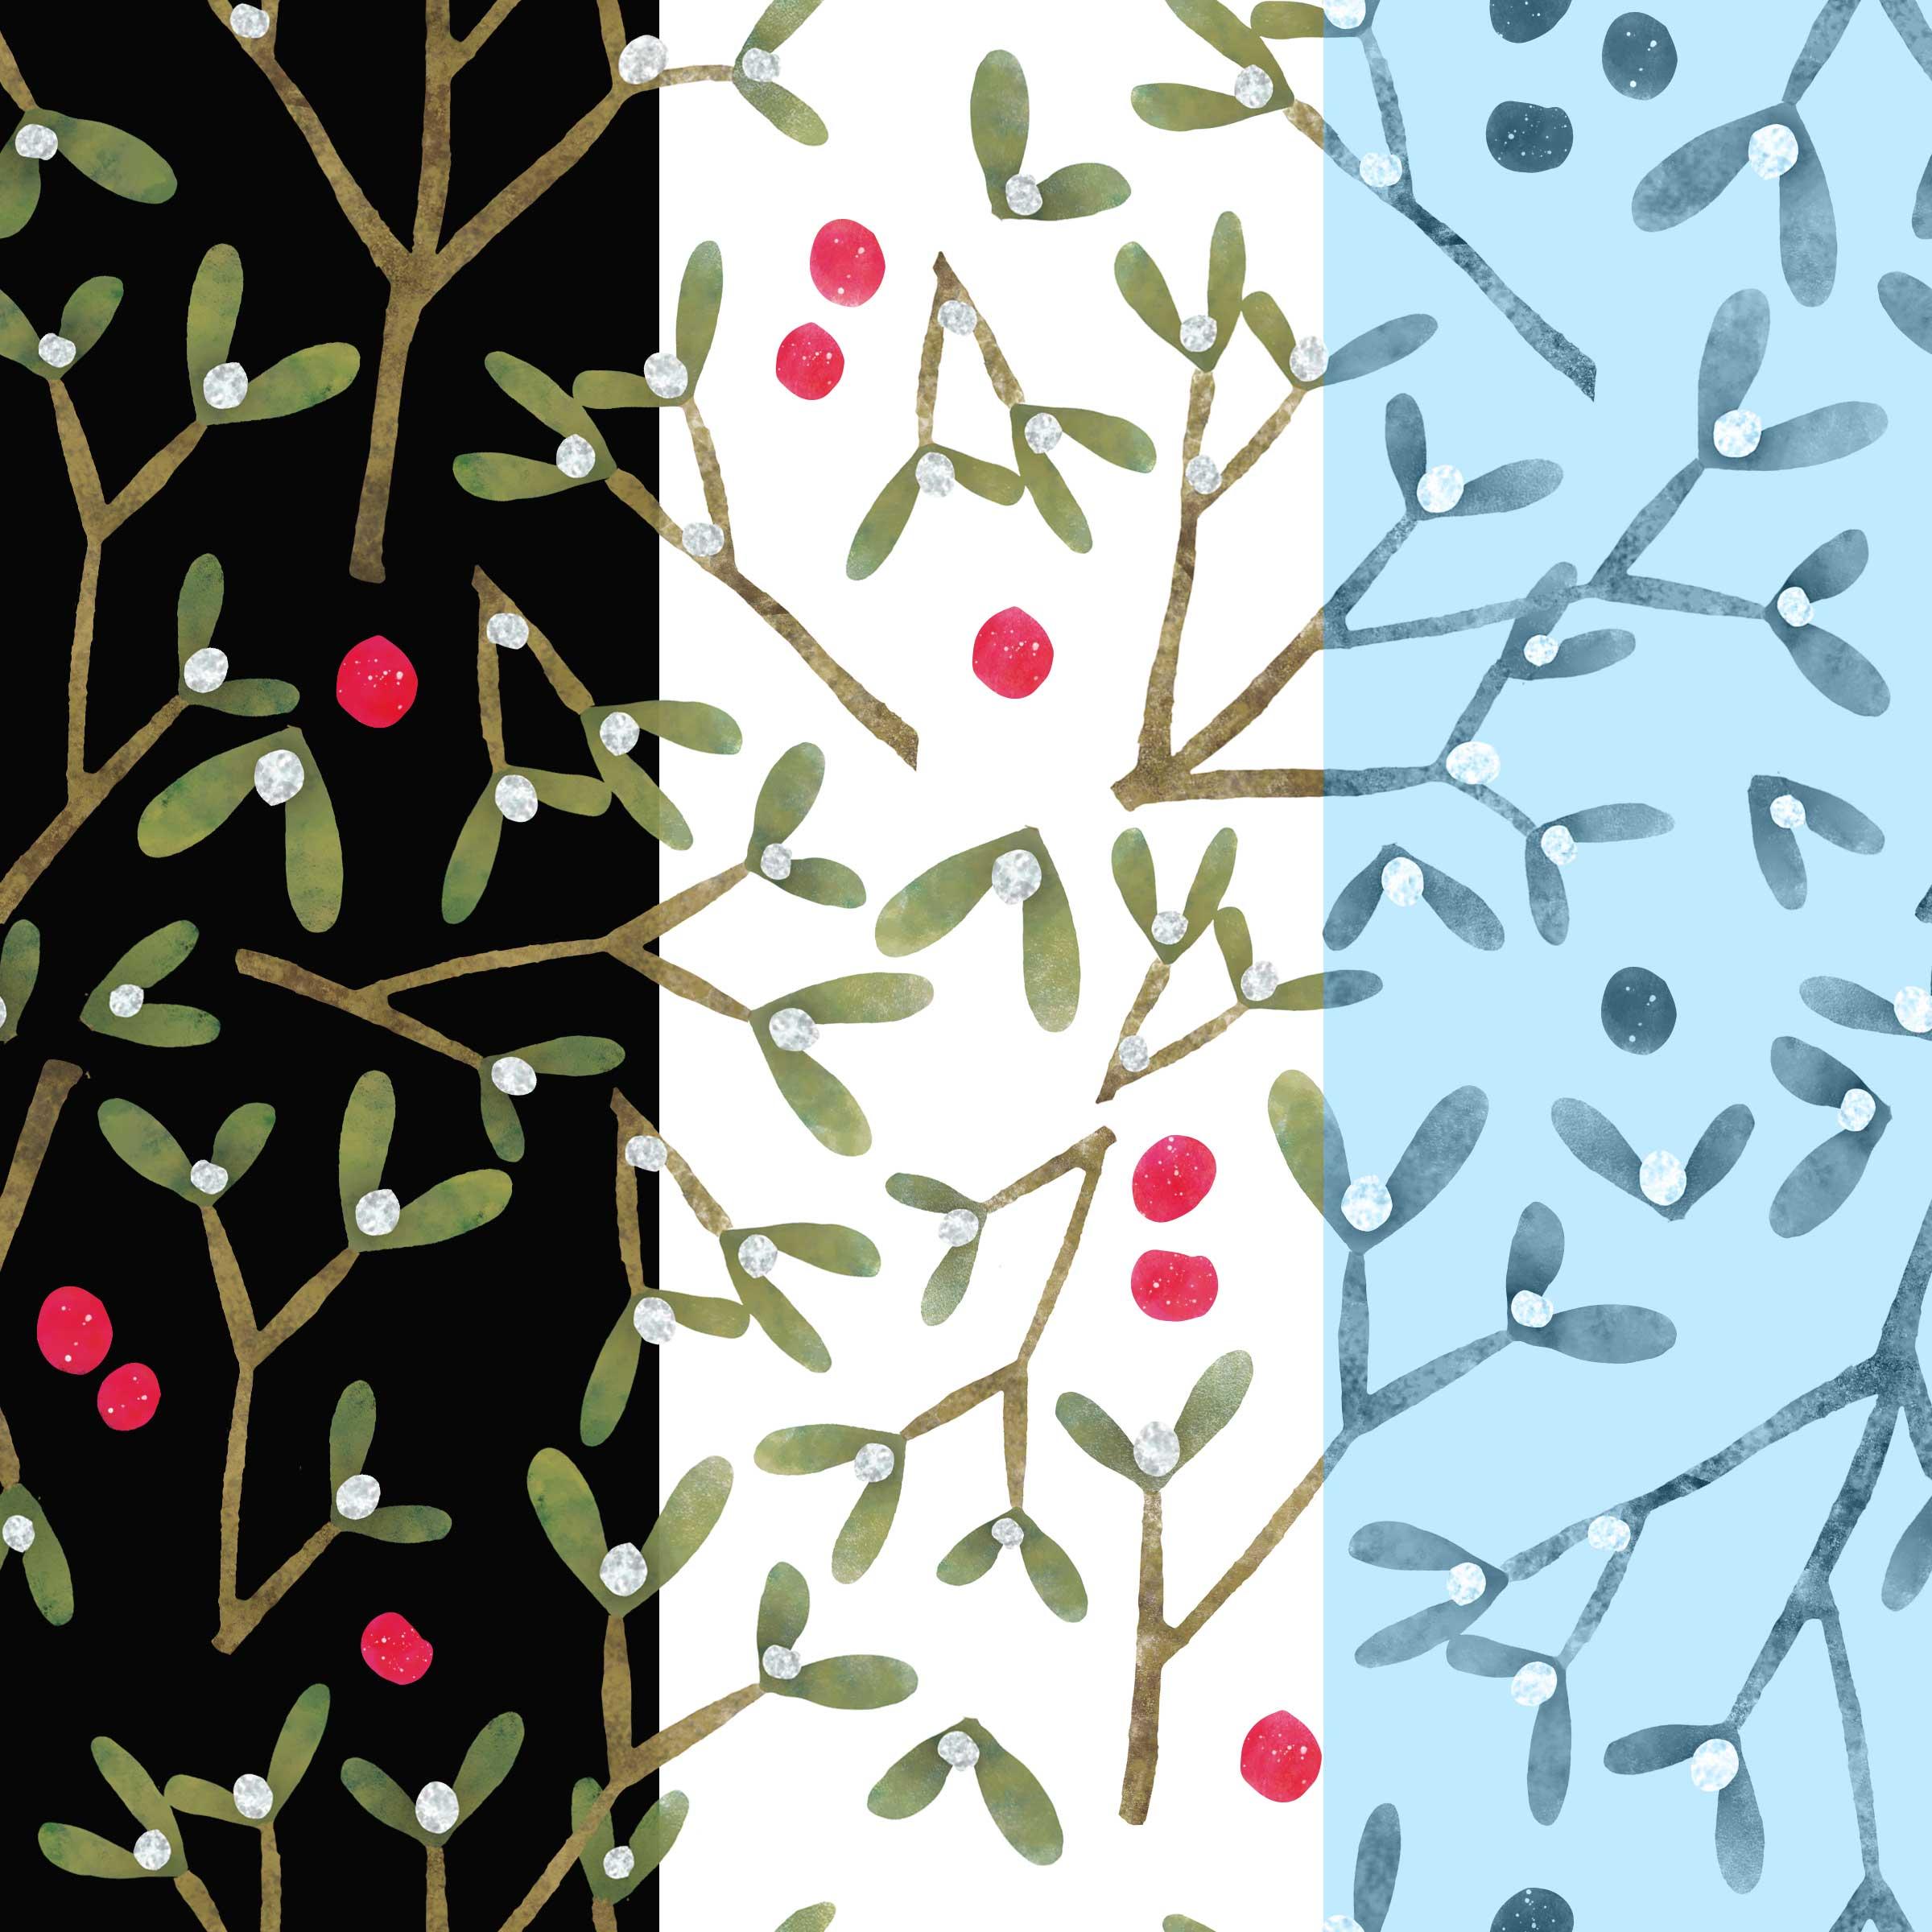 holly-pattern-3-colorways.jpg